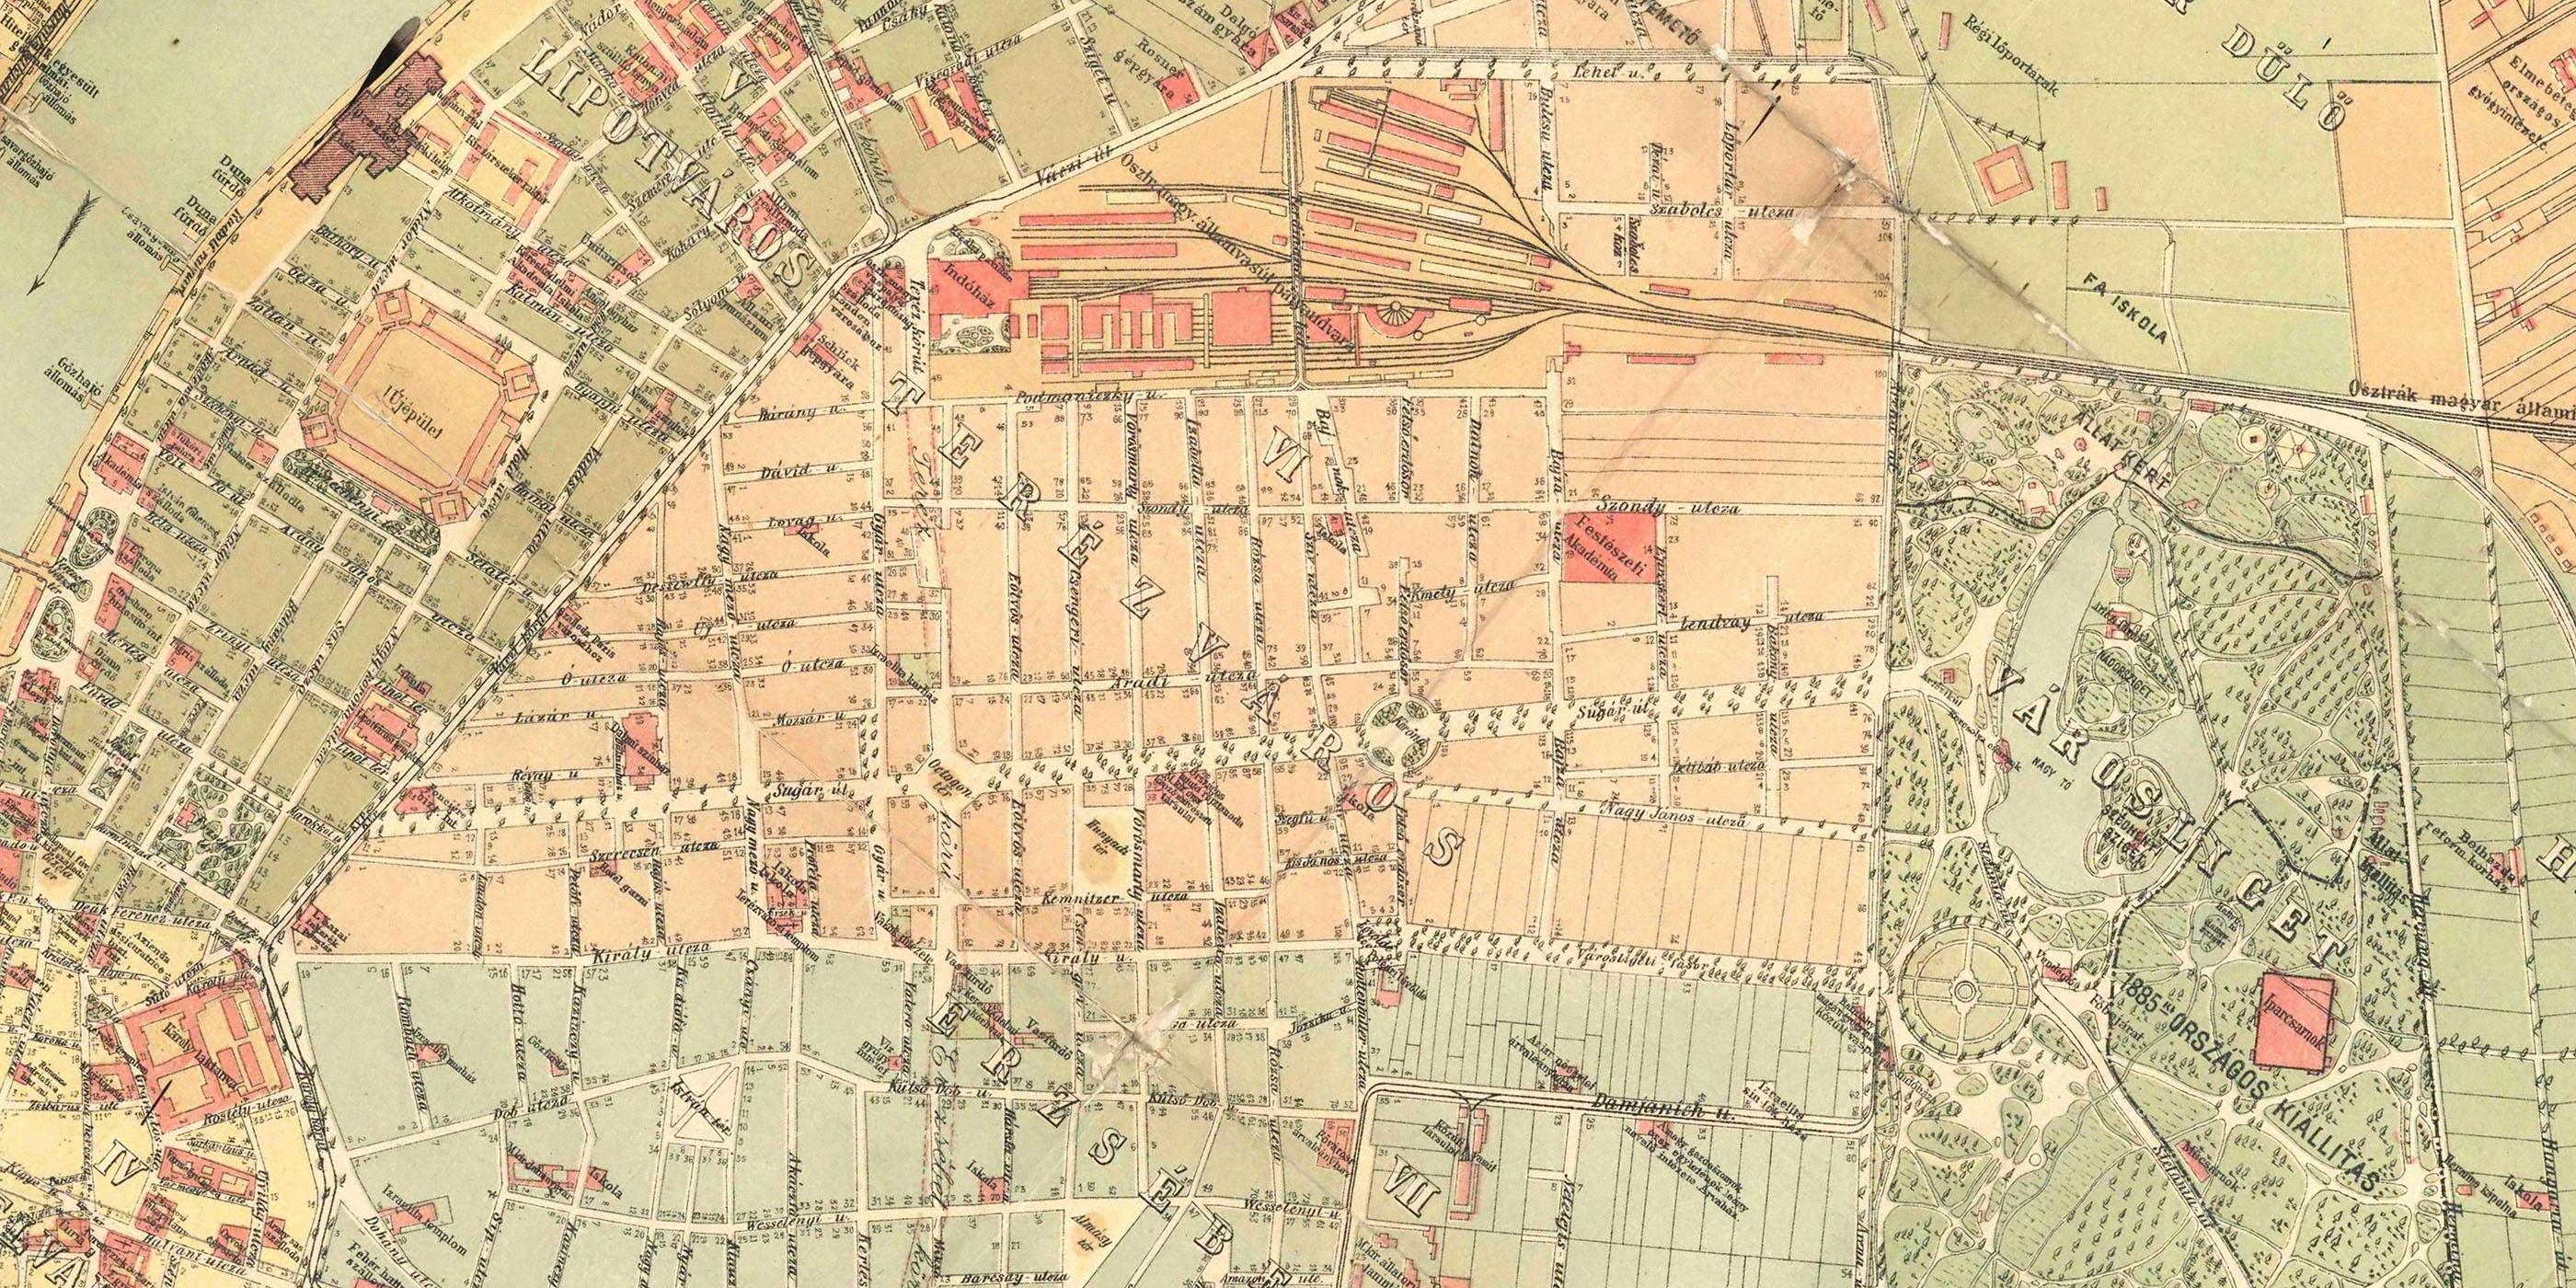 bpterkep-1884-andrassyut.jpg